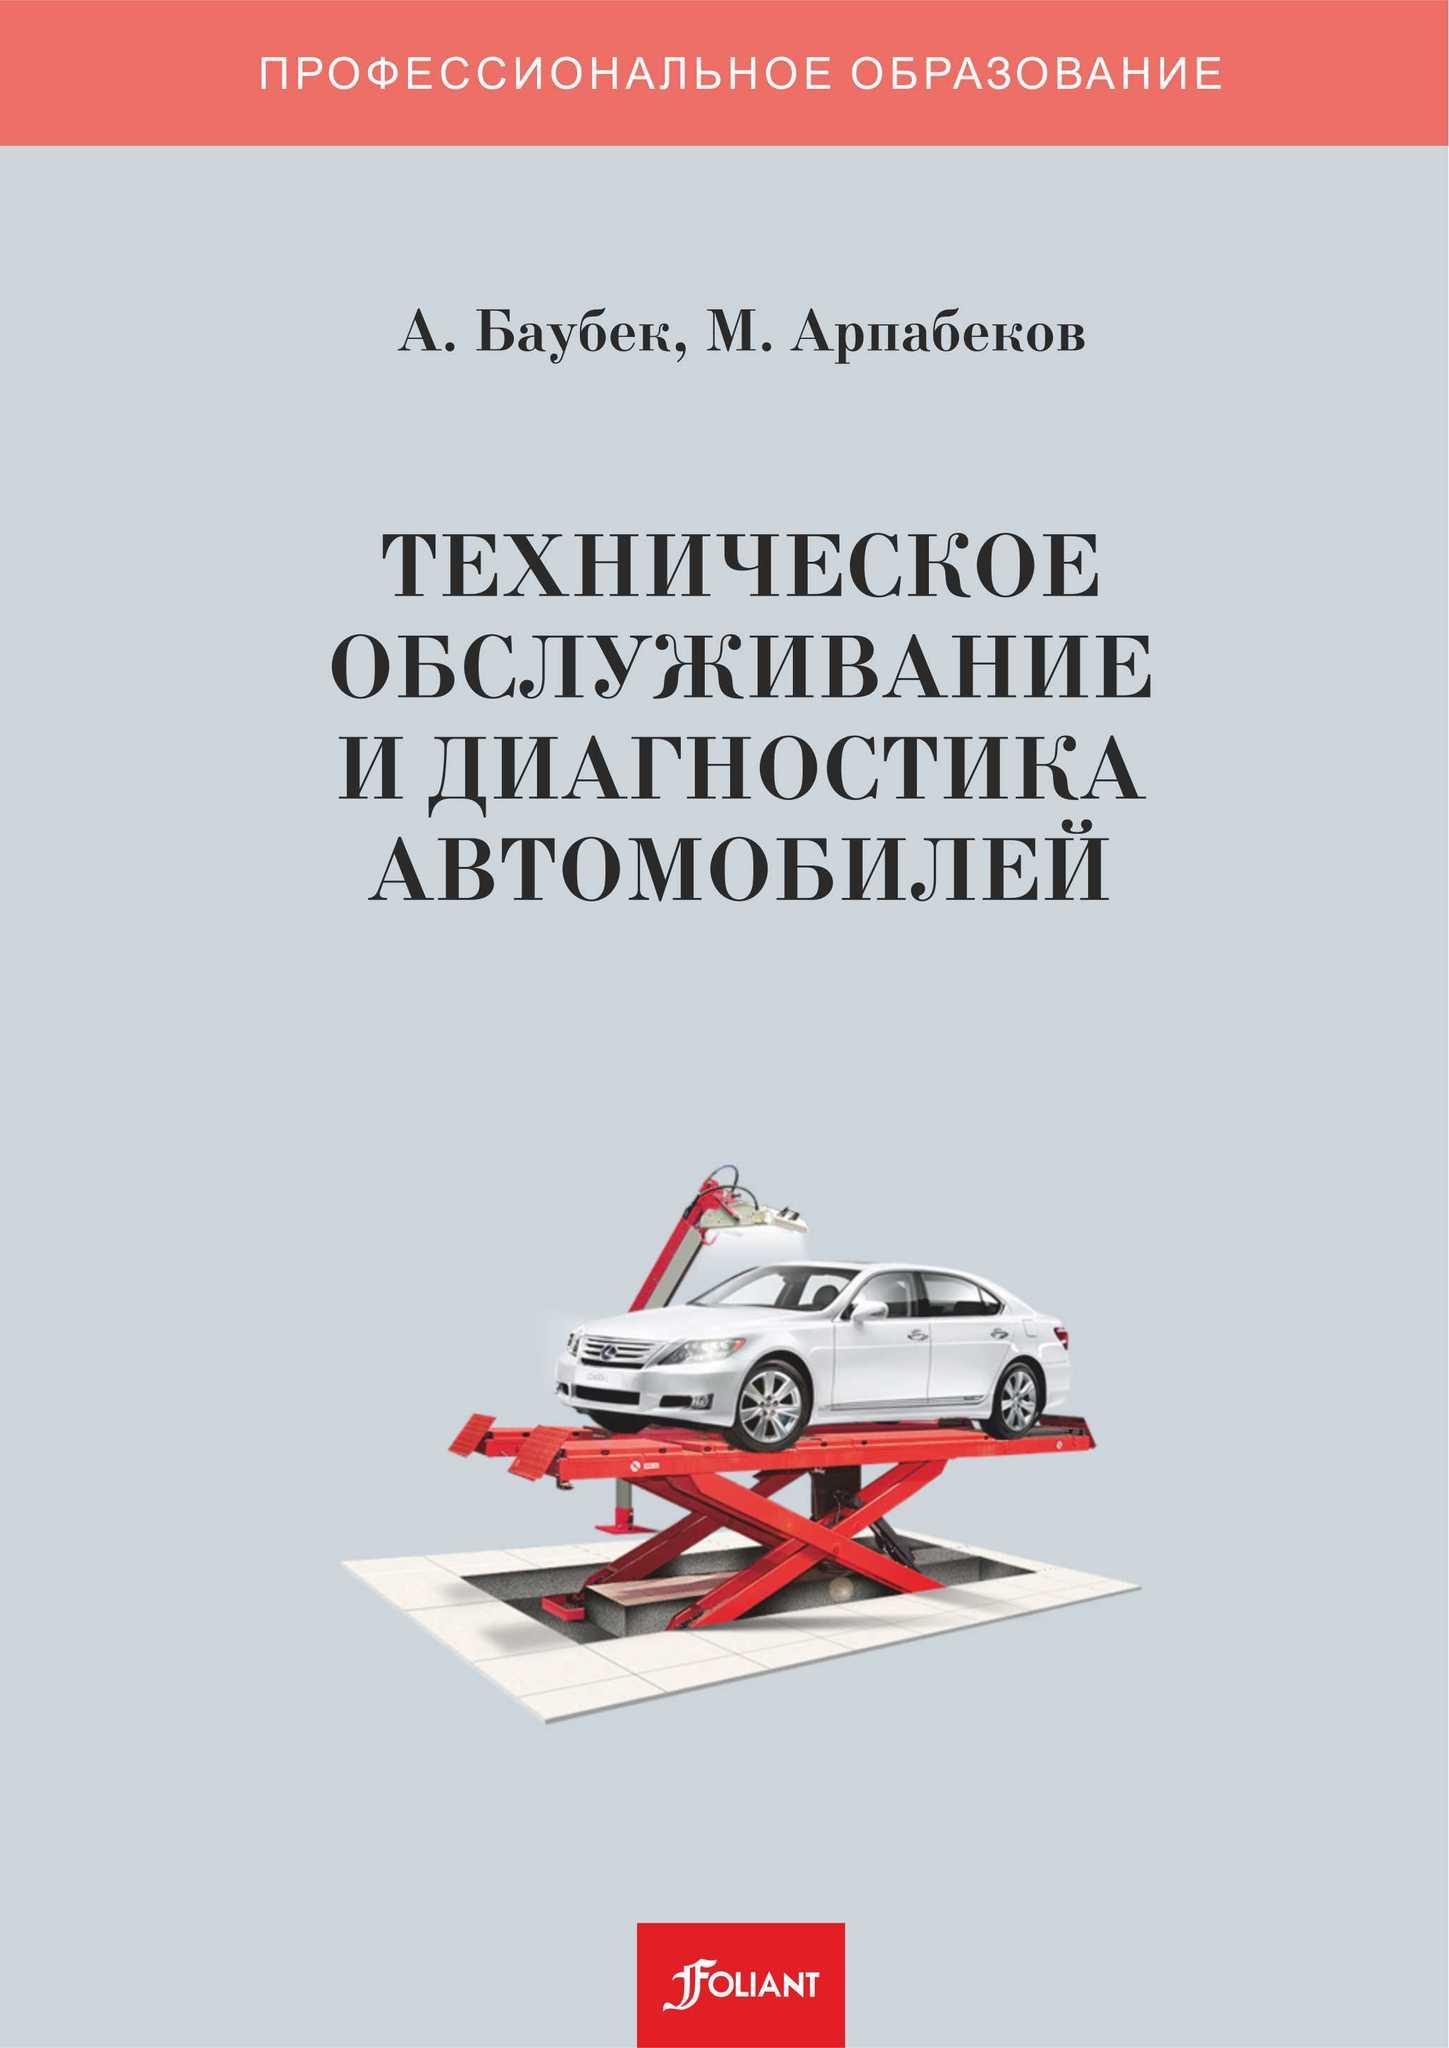 Техническое обслуживание и диагностика автомобилей